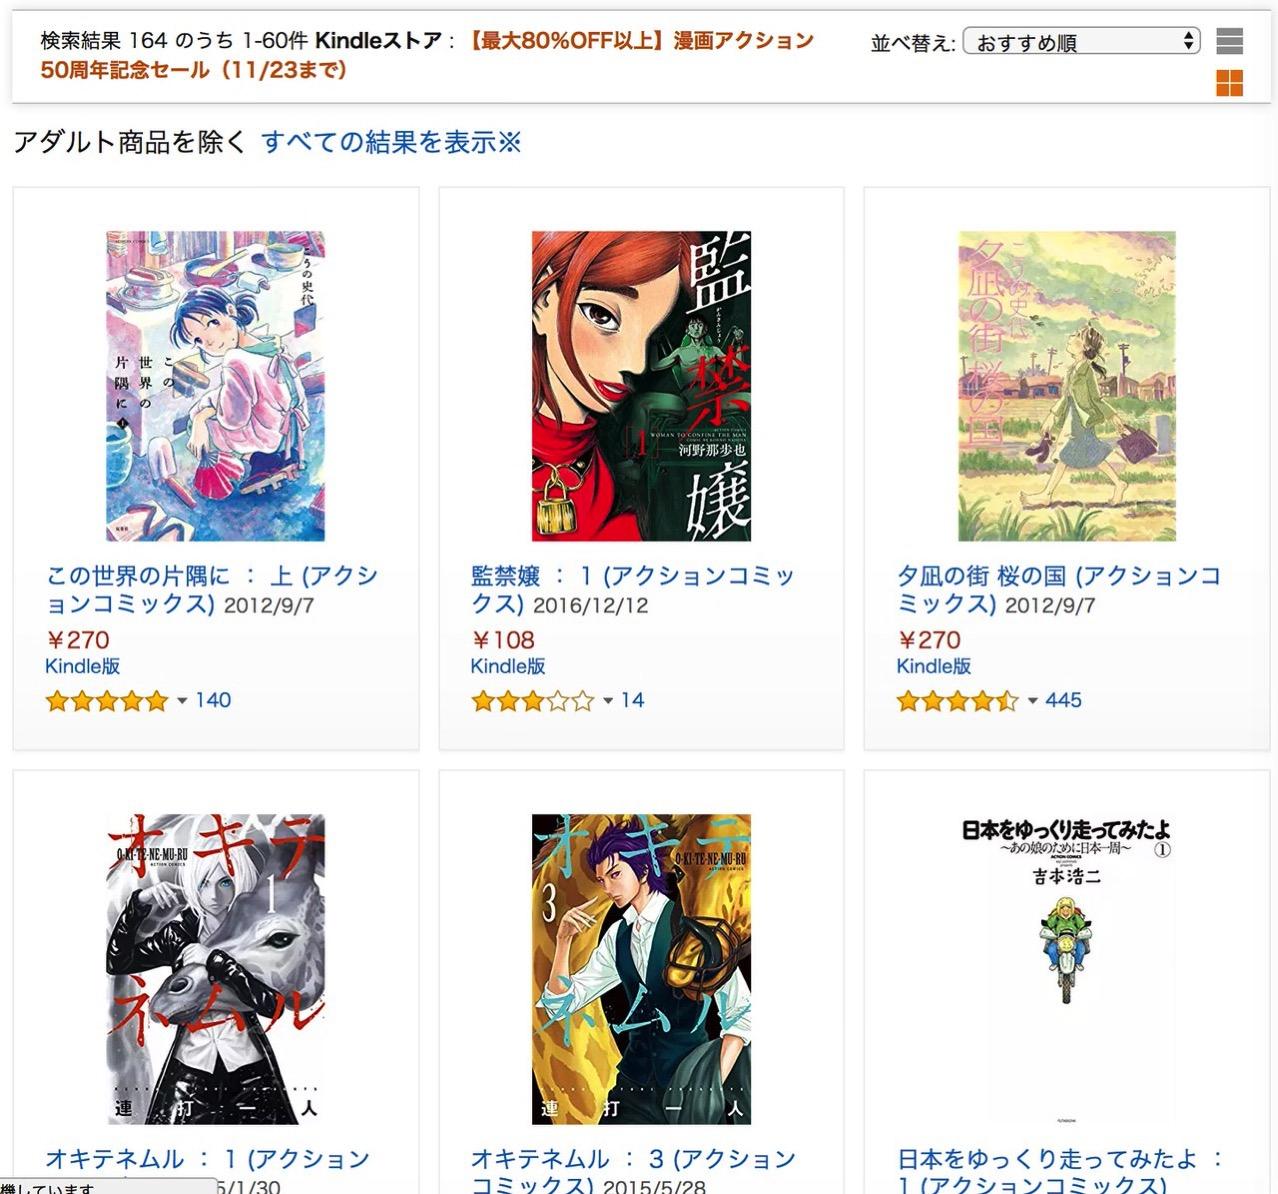 【Kindleセール】最大80%OFF以上!「漫画アクション50周年記念セール」〜「この世界の片隅に」が280円(〜11/23)